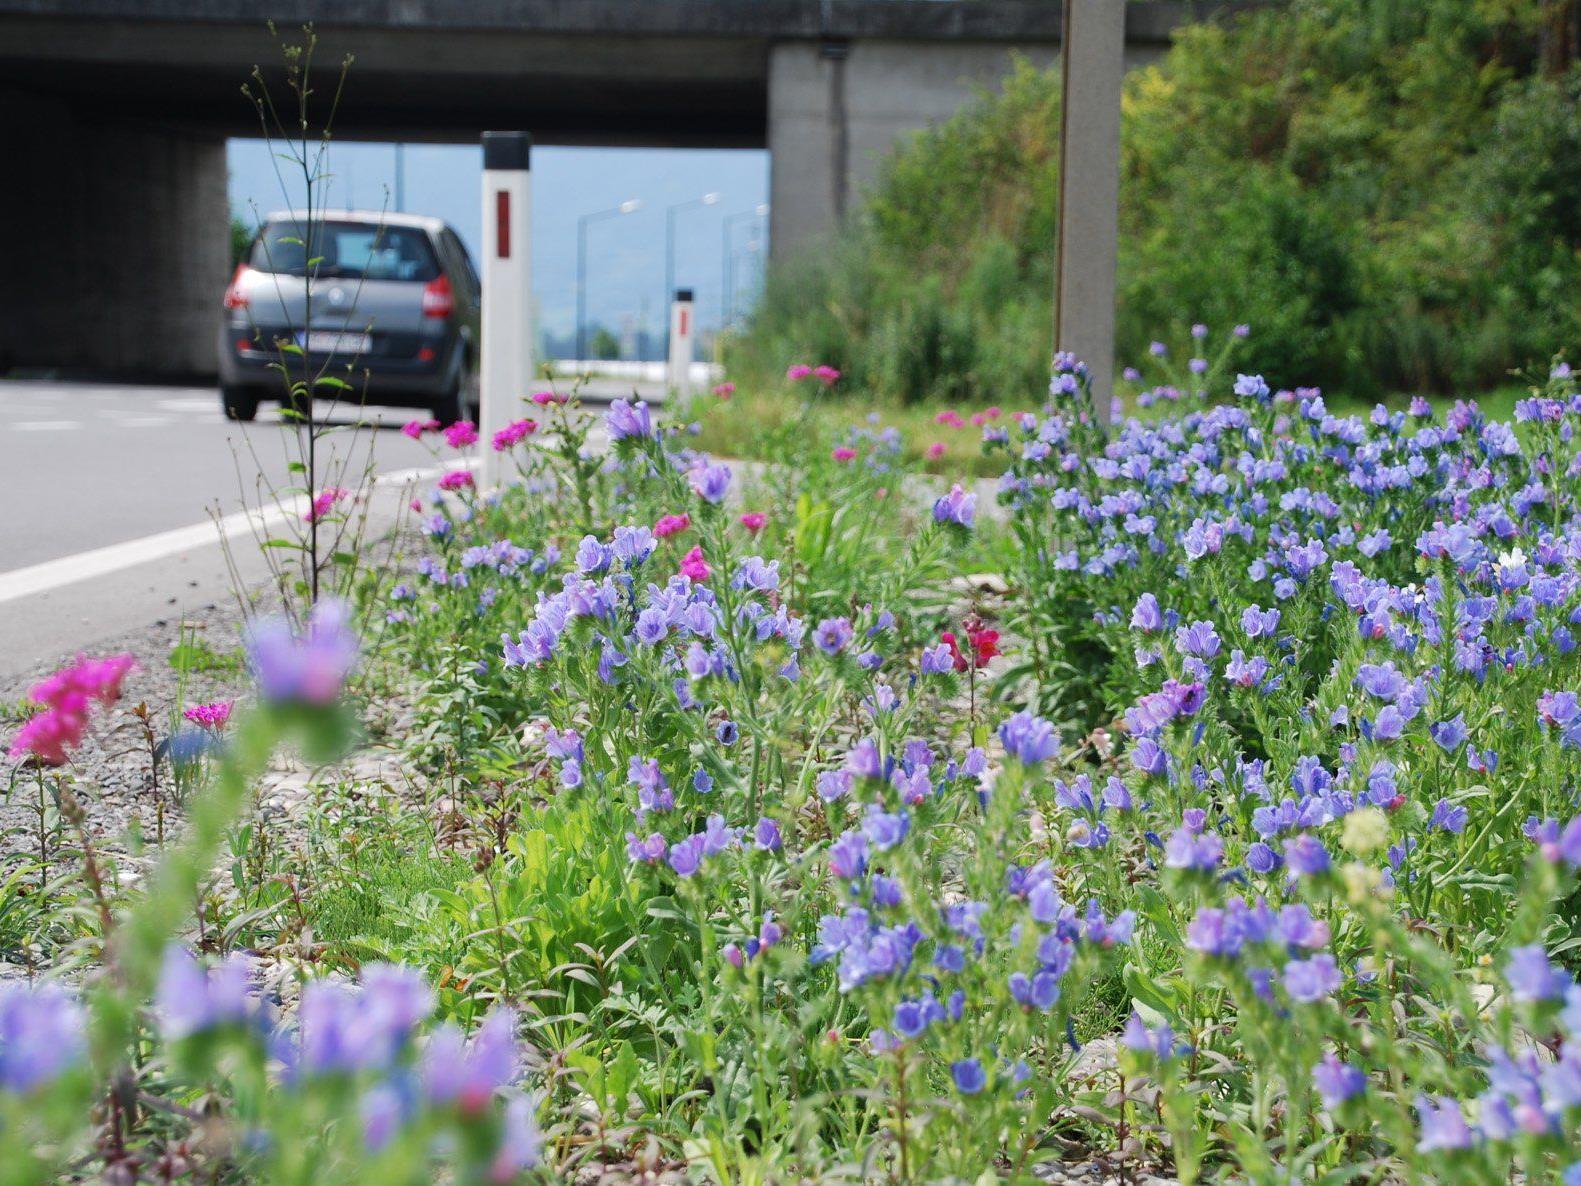 Brachliegende Flächen werden zu Blumenwiesen: Ein naturnah bepflanzter Grünstreifen an der Autobahnabfahrt Rankweil.